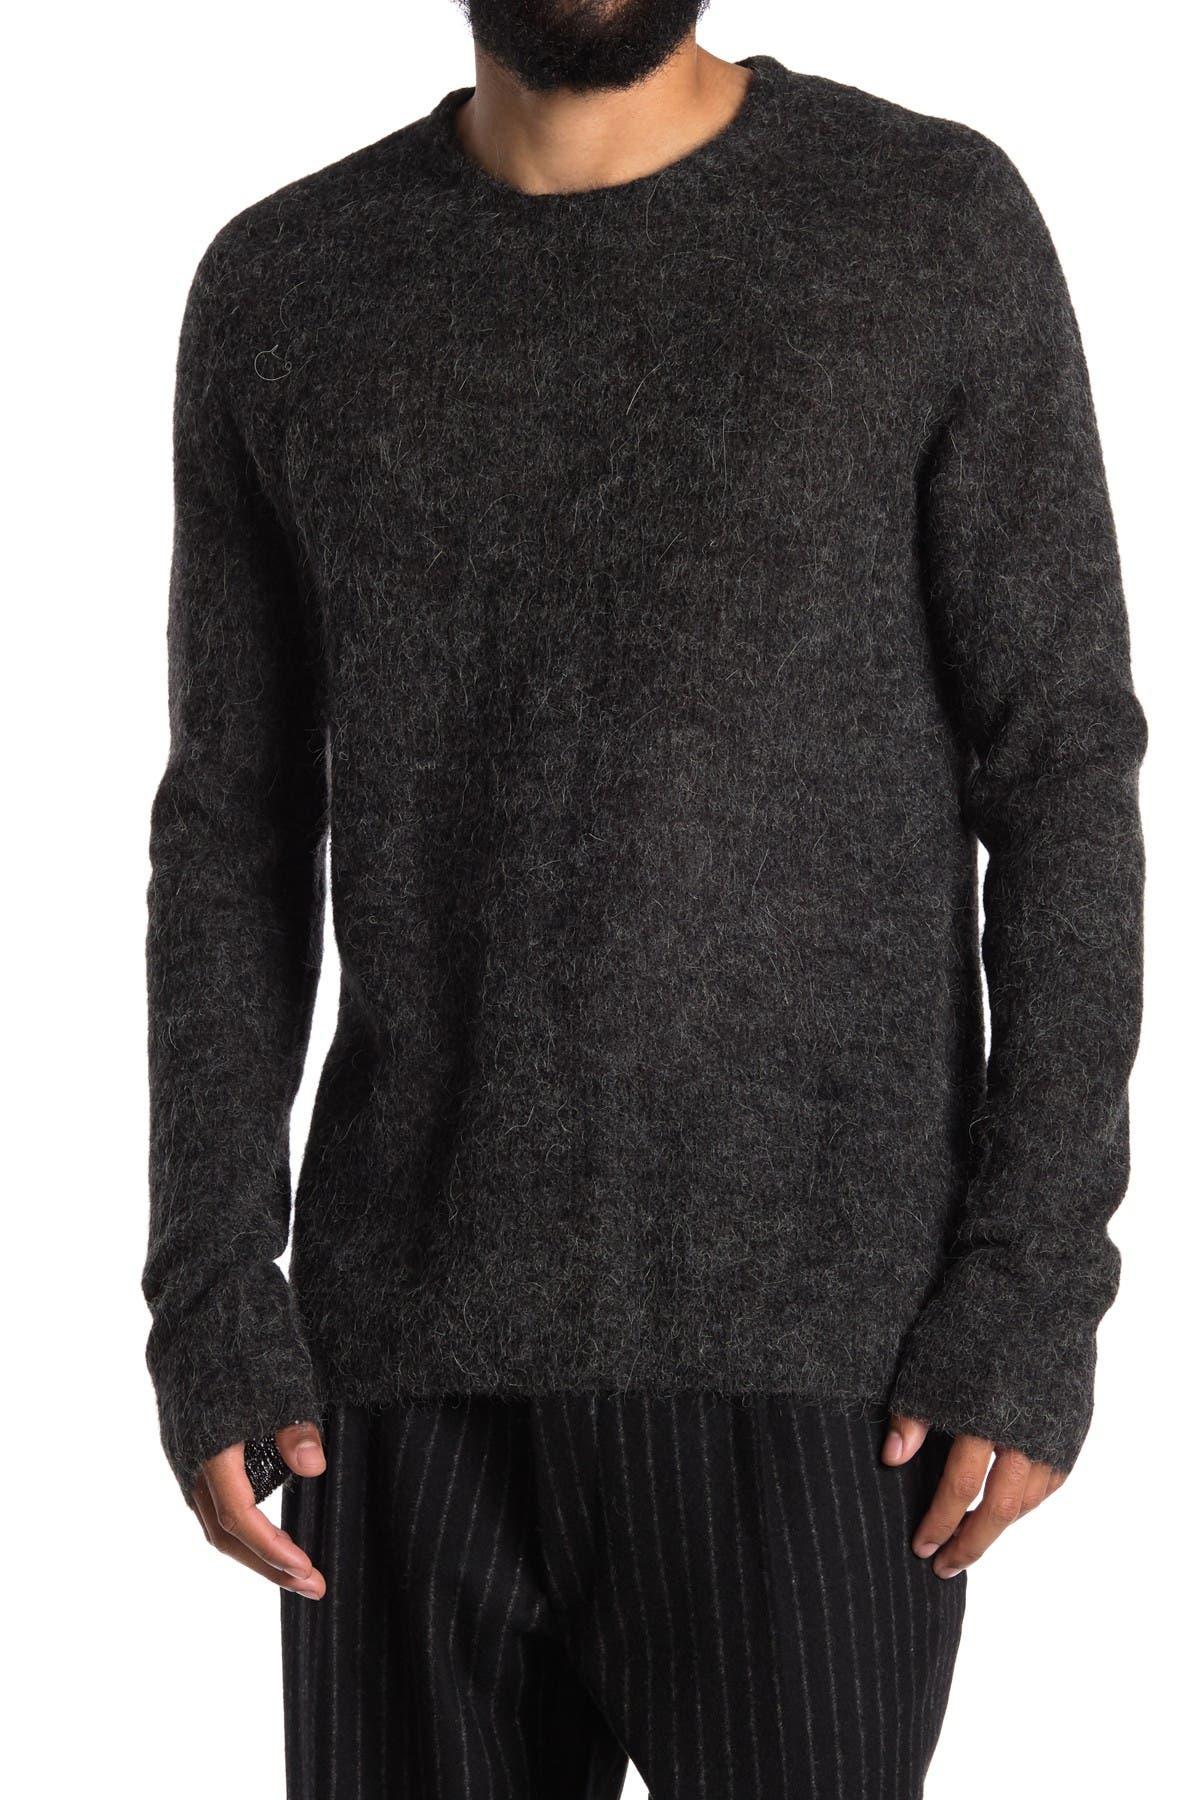 Image of MAISON MARTIN MARGIELA Crew Neck Knit Sweater